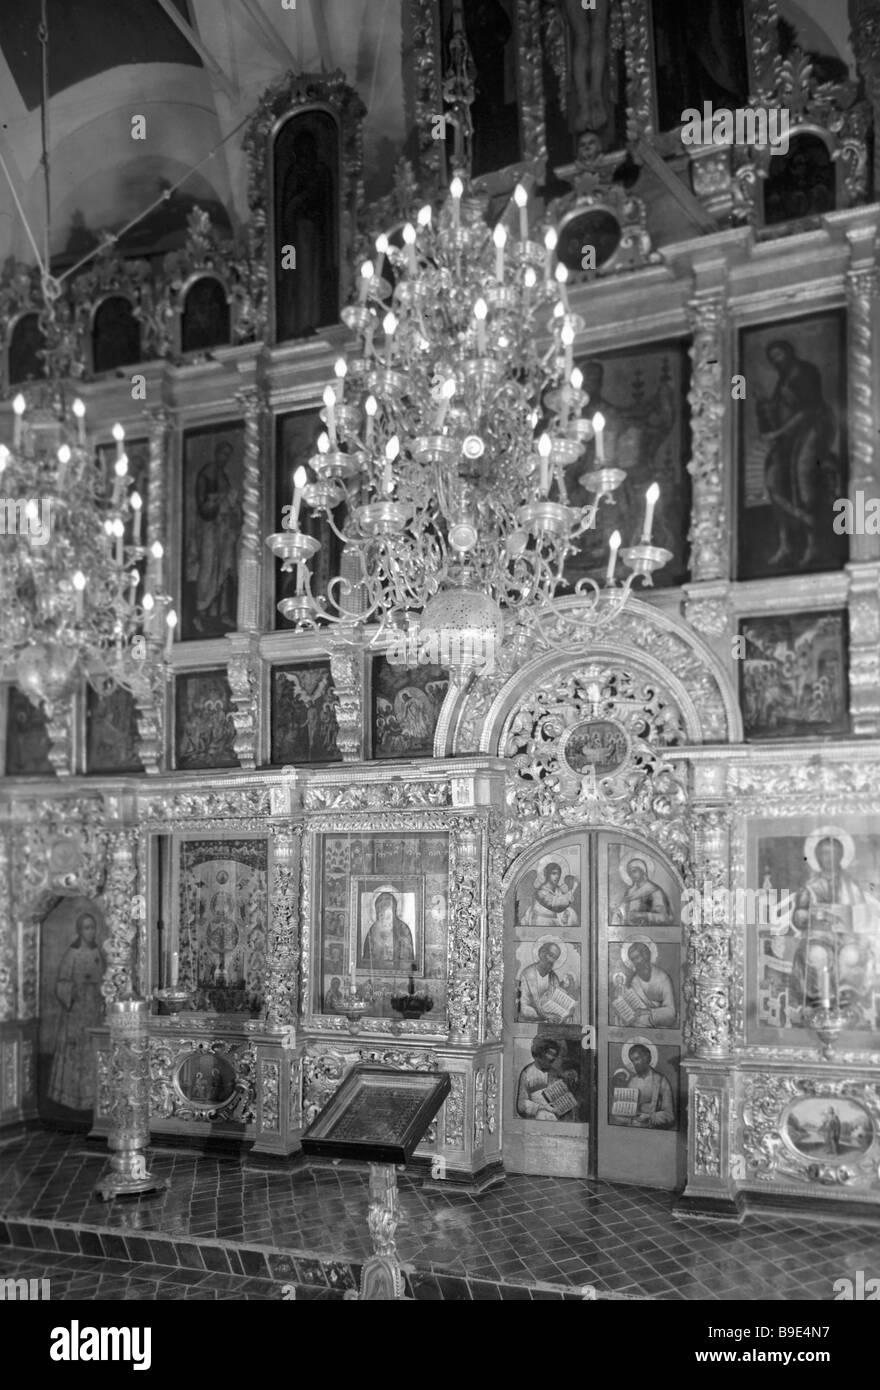 Die Ikonostase der zwölf-Apostel-Kirche im Moskauer Kreml Stockbild